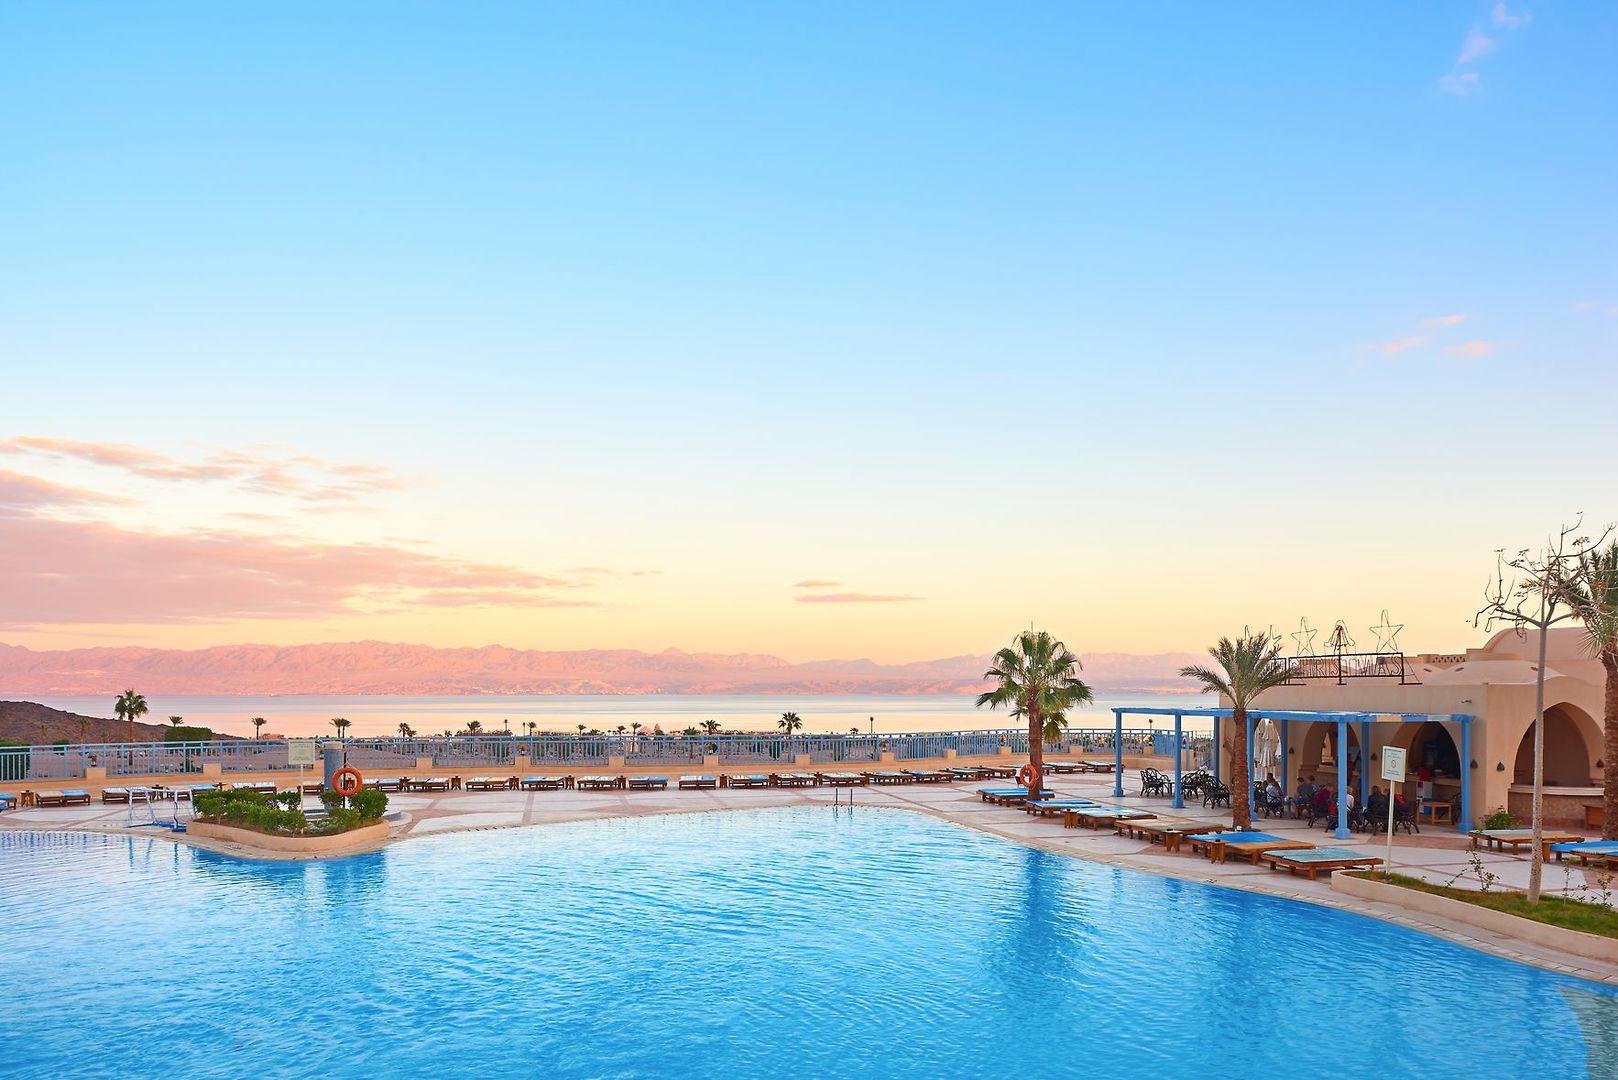 El Wekala Aqua Park Resort   - Egypt  v květnu